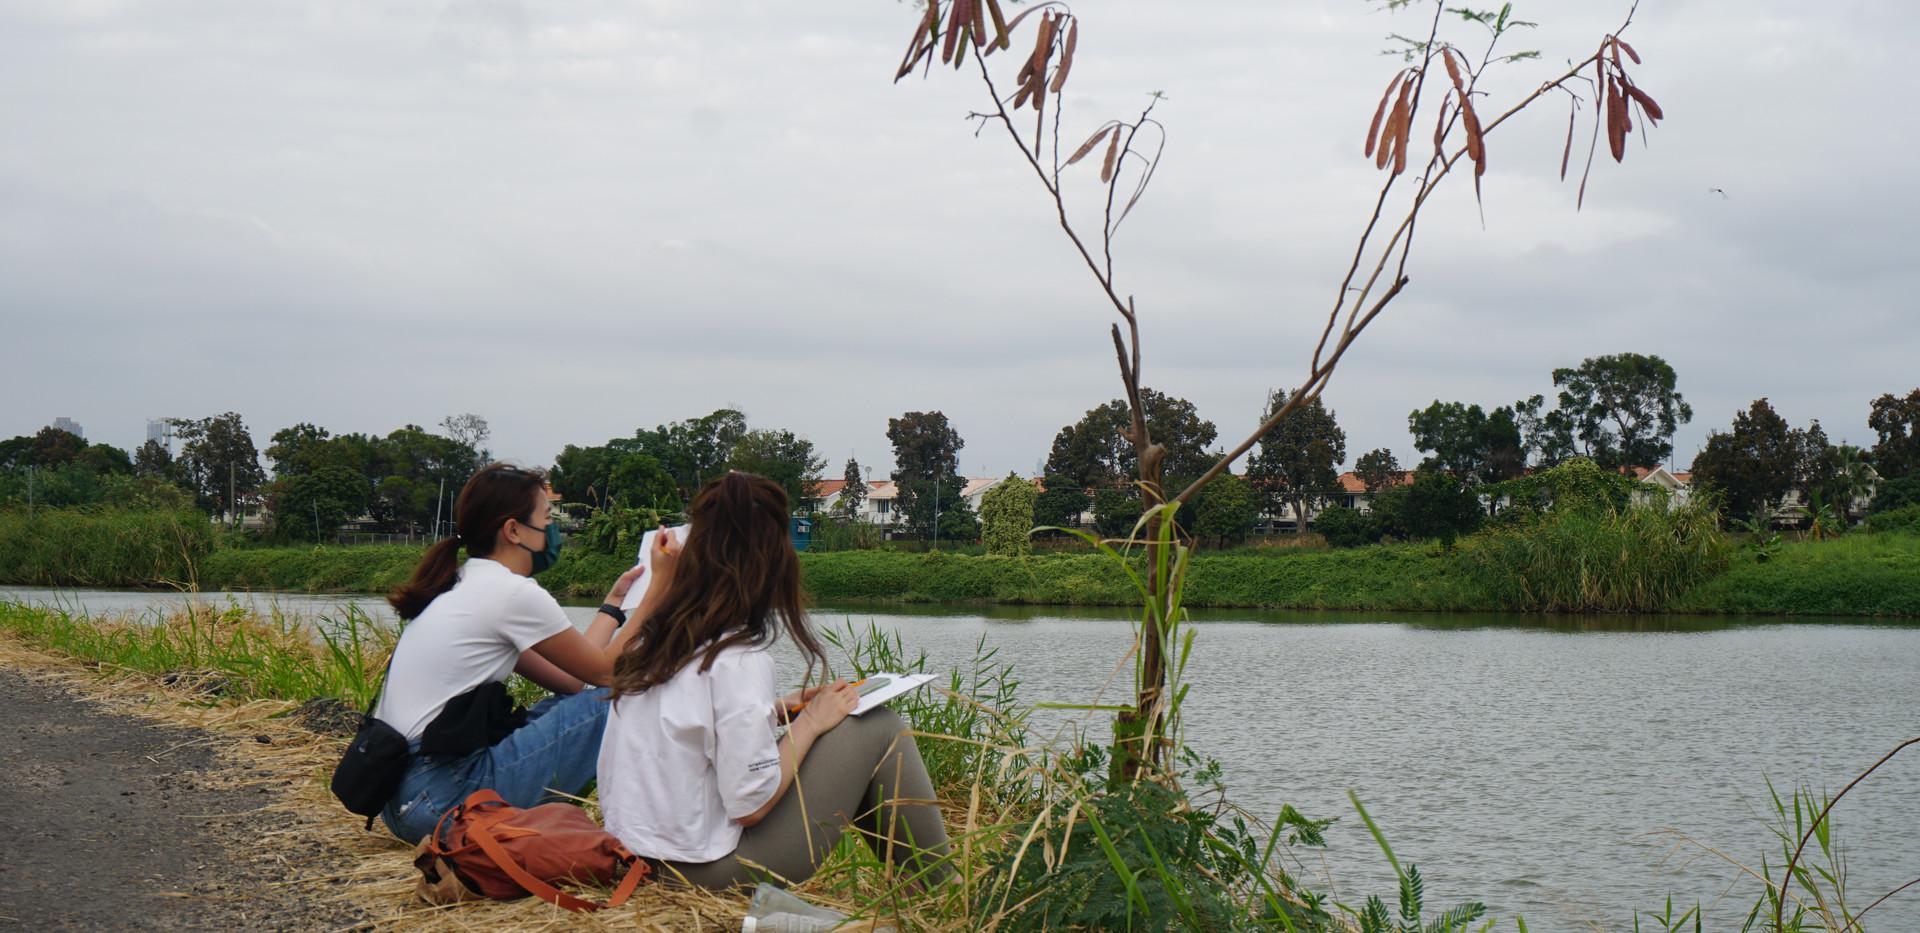 參加者在魚塘邊寫生